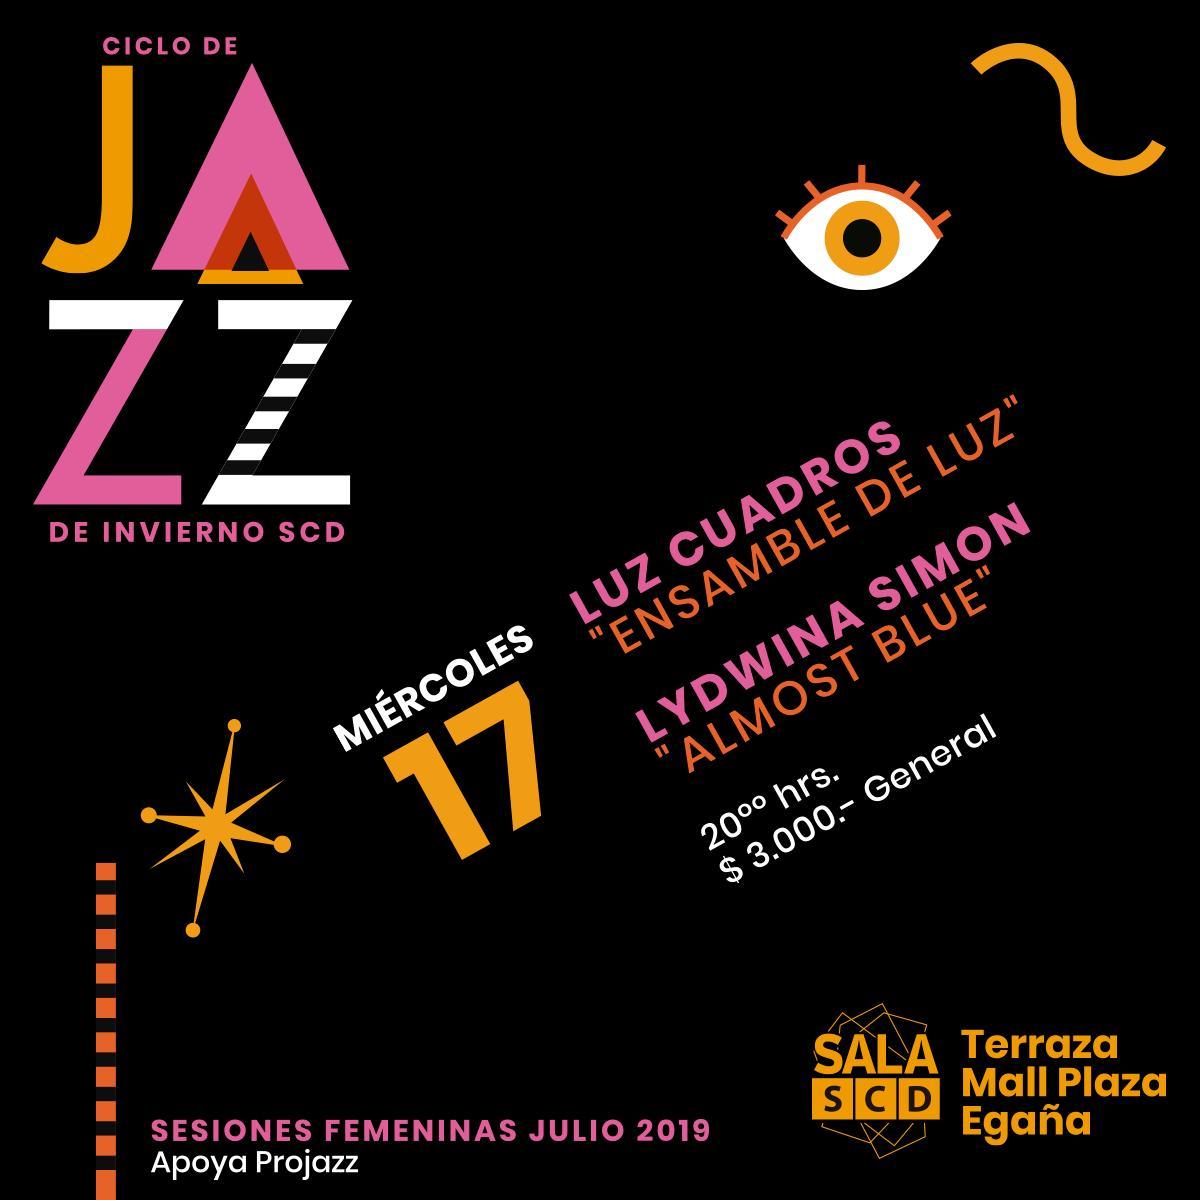 test Twitter Media - Buscas panorama para hoy 🎶? Sala SCD Egaña y su ciclo de jazz nos trae un imperdible concierto de LYDWINA SIMON y LUZ CUADROS 🎷 Toda la información en: https://t.co/wI22T9CoKw https://t.co/8n7jsEubtV